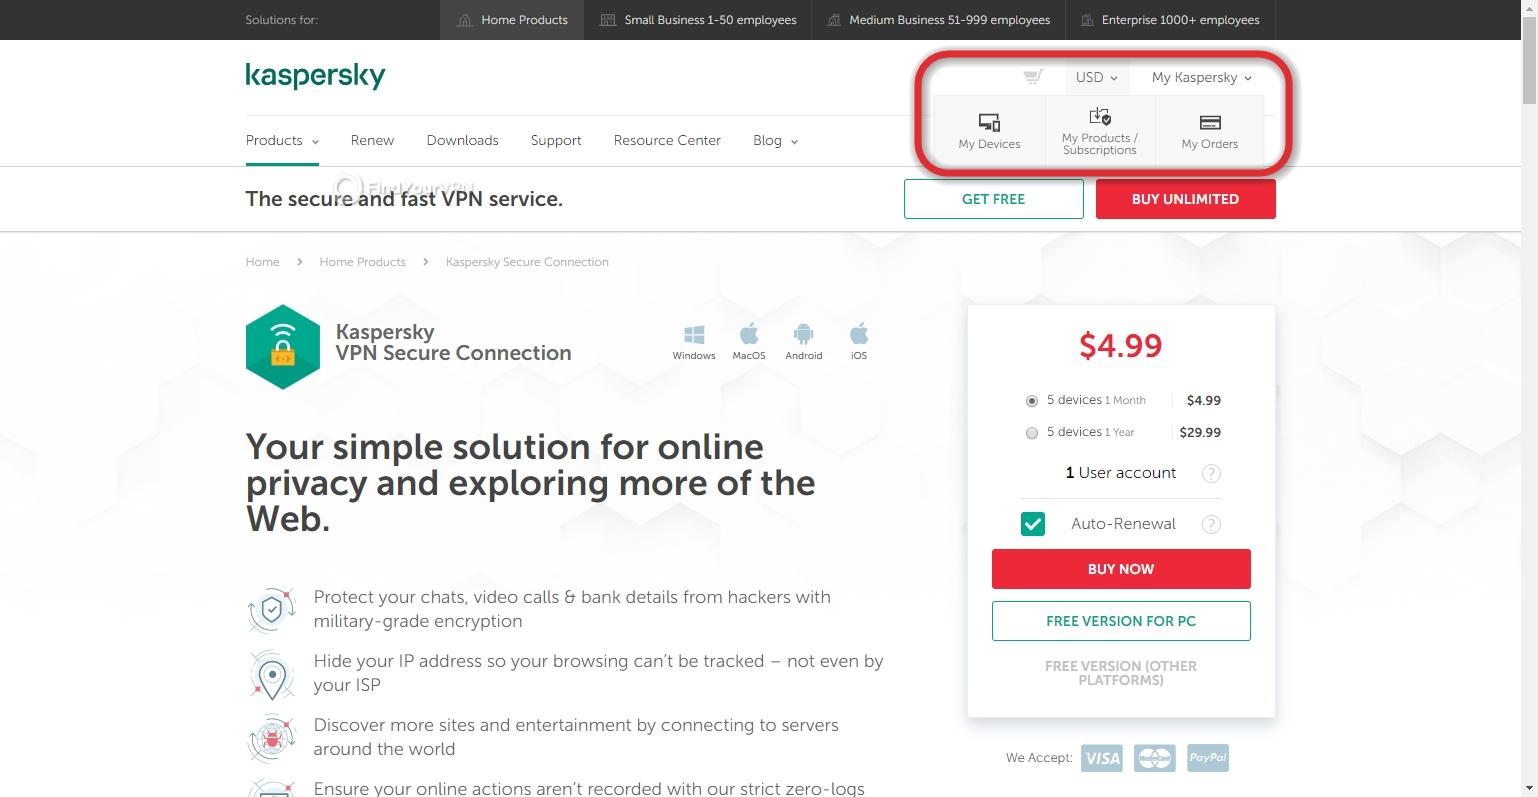 Kaspersky Secure Connection's My Kaspersky button